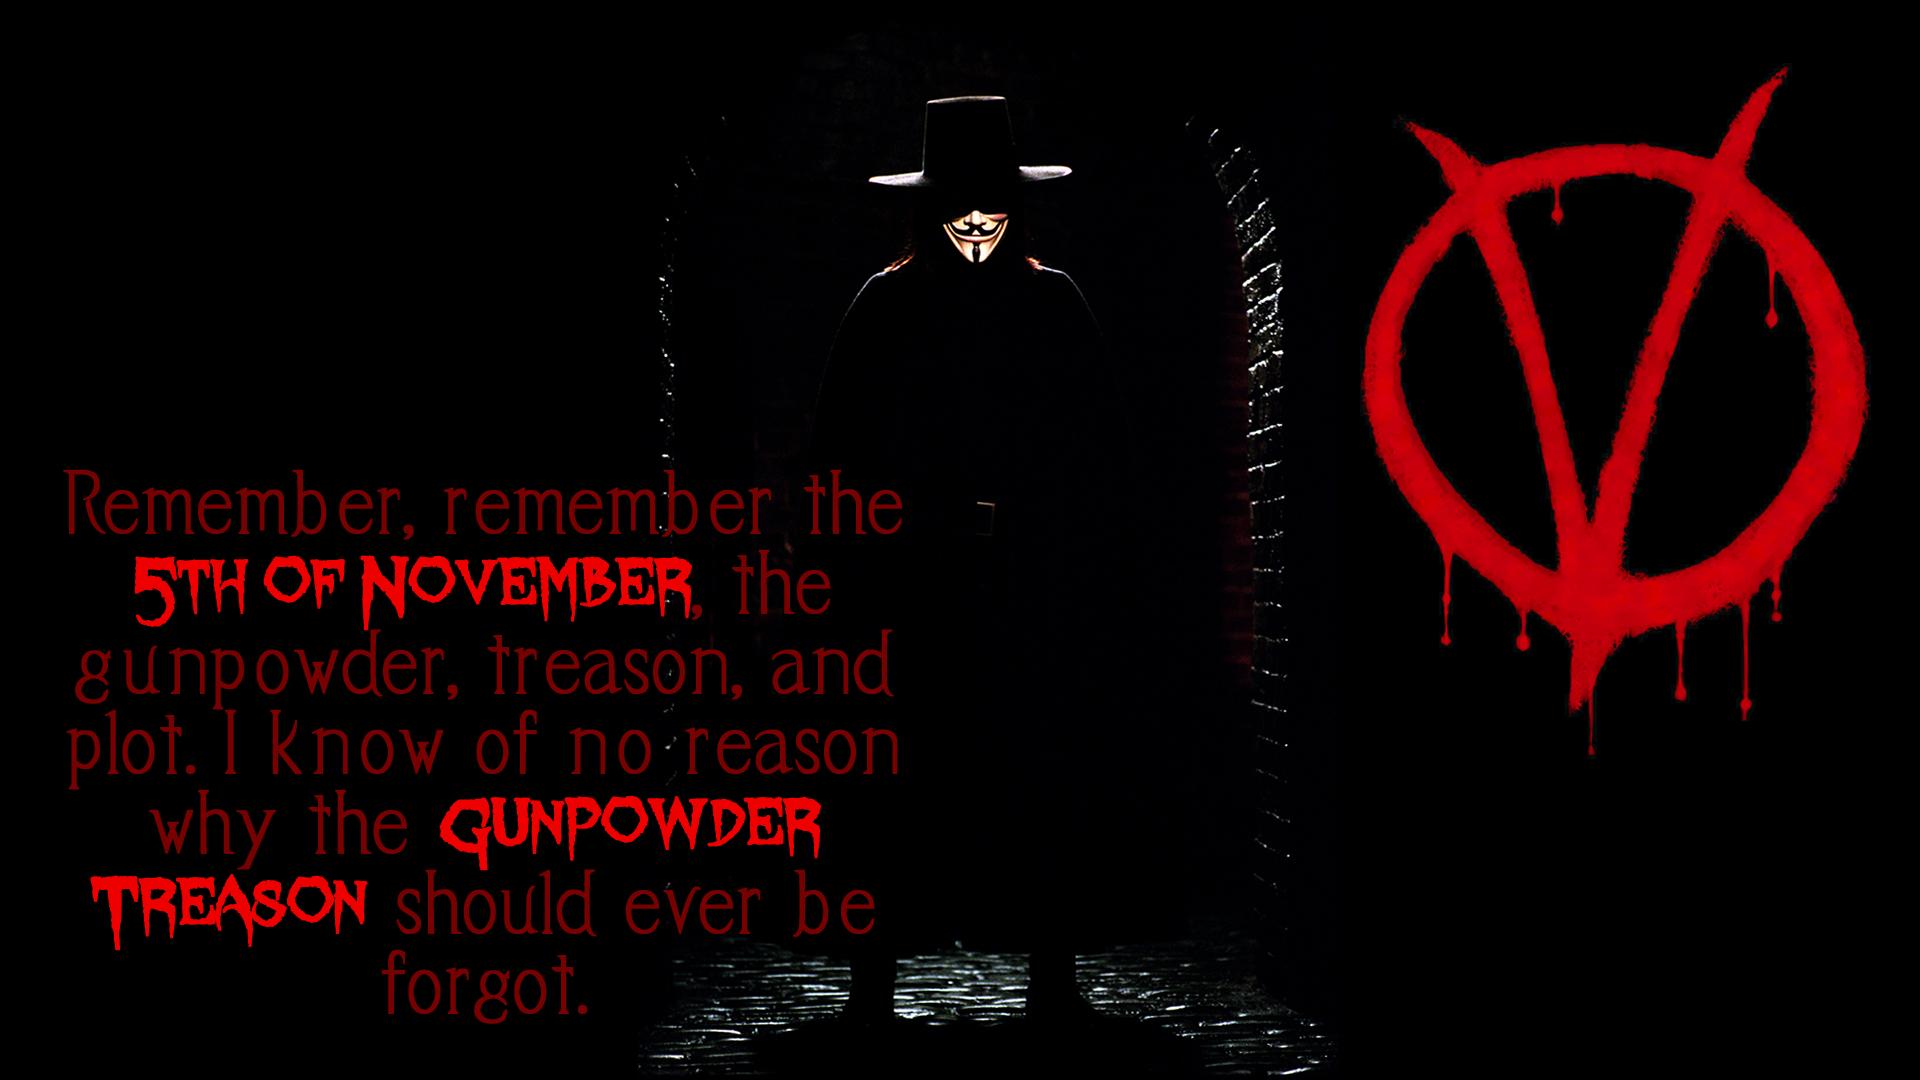 V For Vendetta Hd Wallpaper 1920x1080 By Swagirr On Deviantart